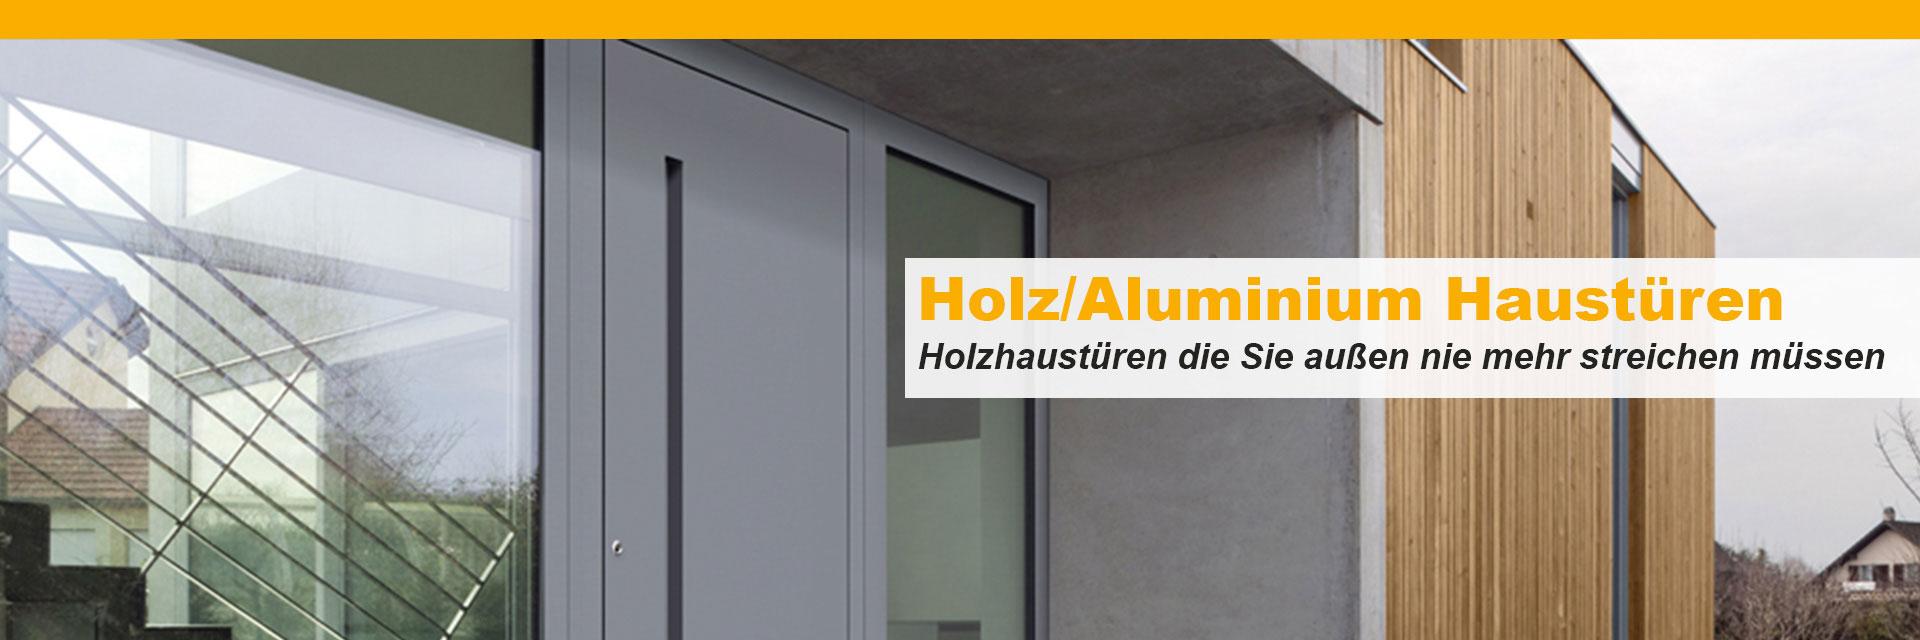 moderne holz aluminium haust ren direkt vom fachbetrieb mit aufma lieferung und montage. Black Bedroom Furniture Sets. Home Design Ideas